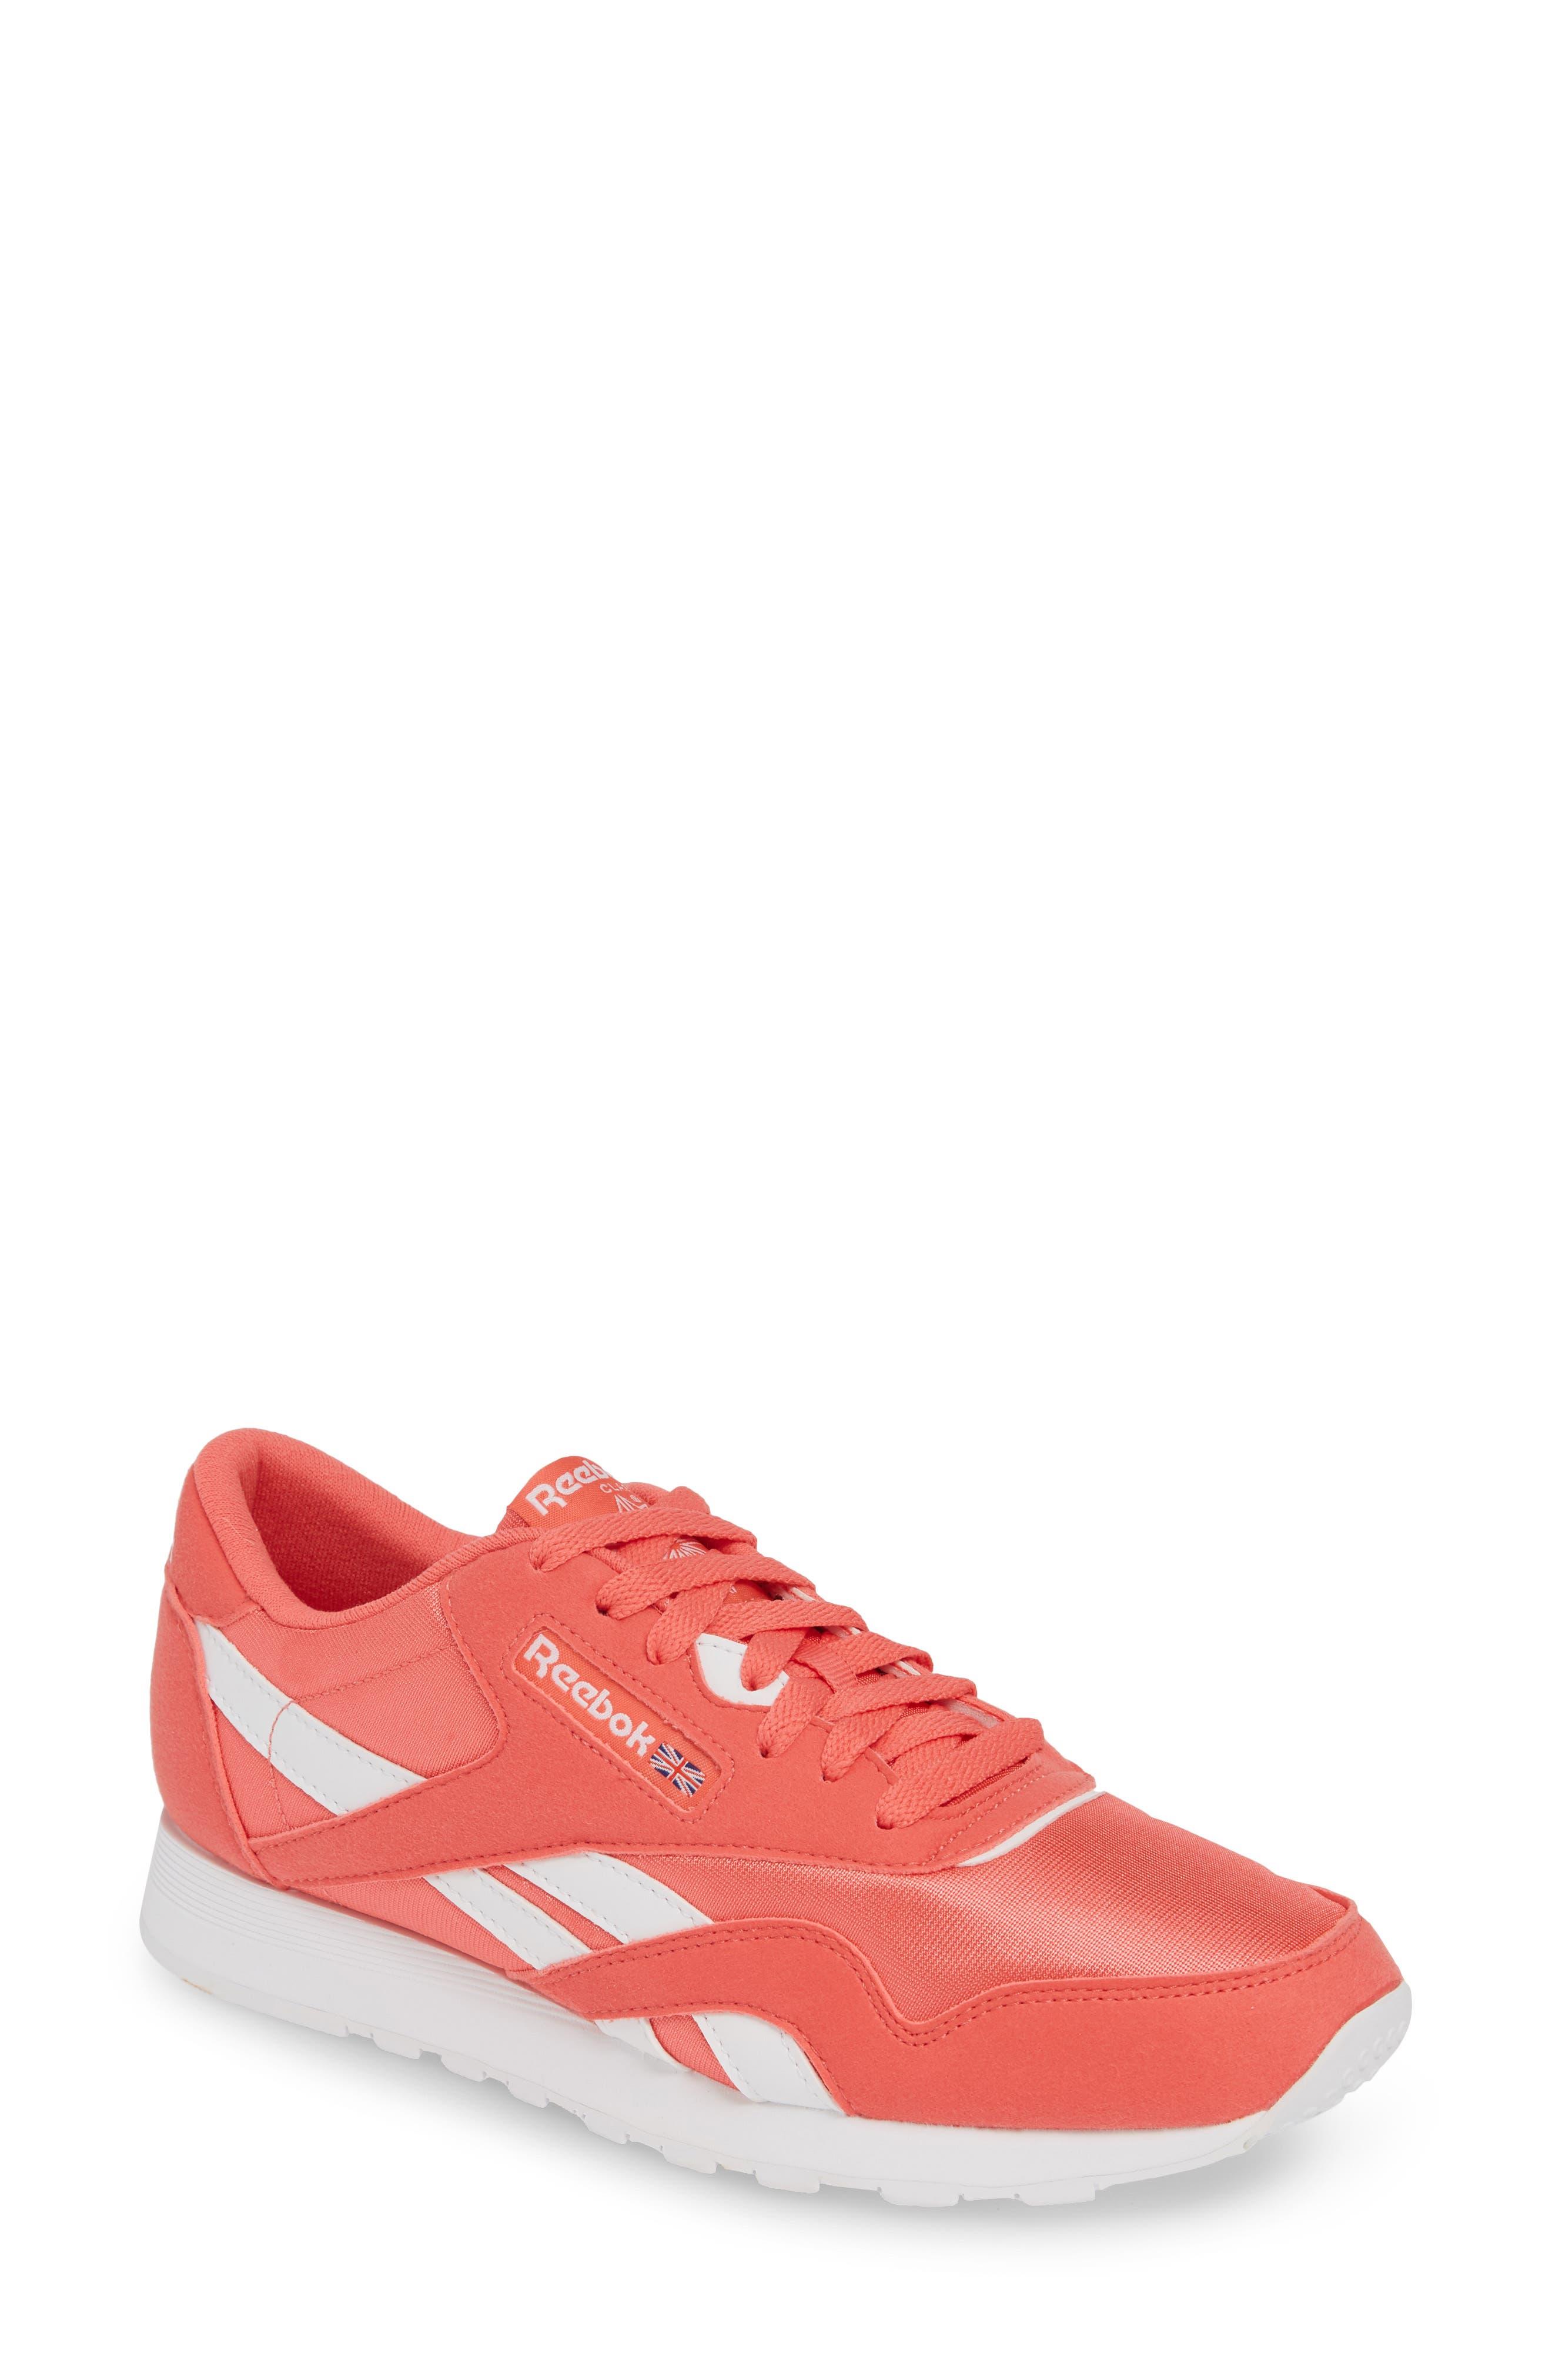 fb9aad7c07048 Reebok Shoes